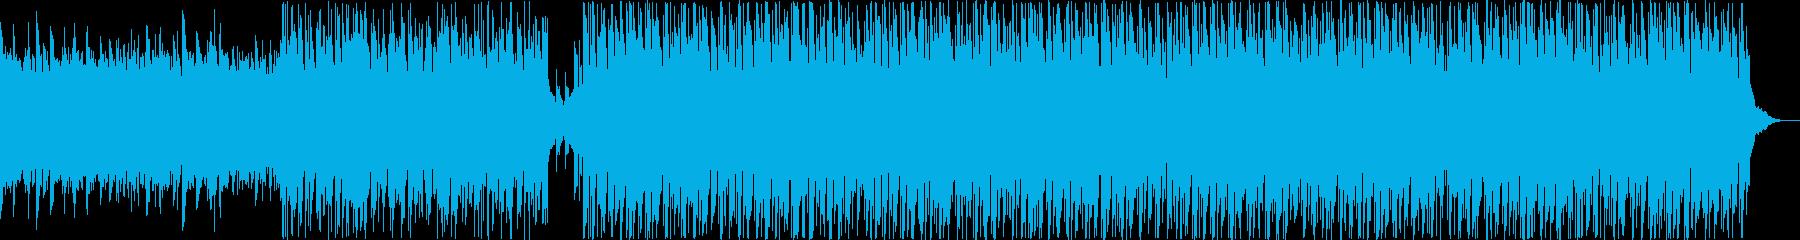 優しさ溢れるエレクトロポップの再生済みの波形